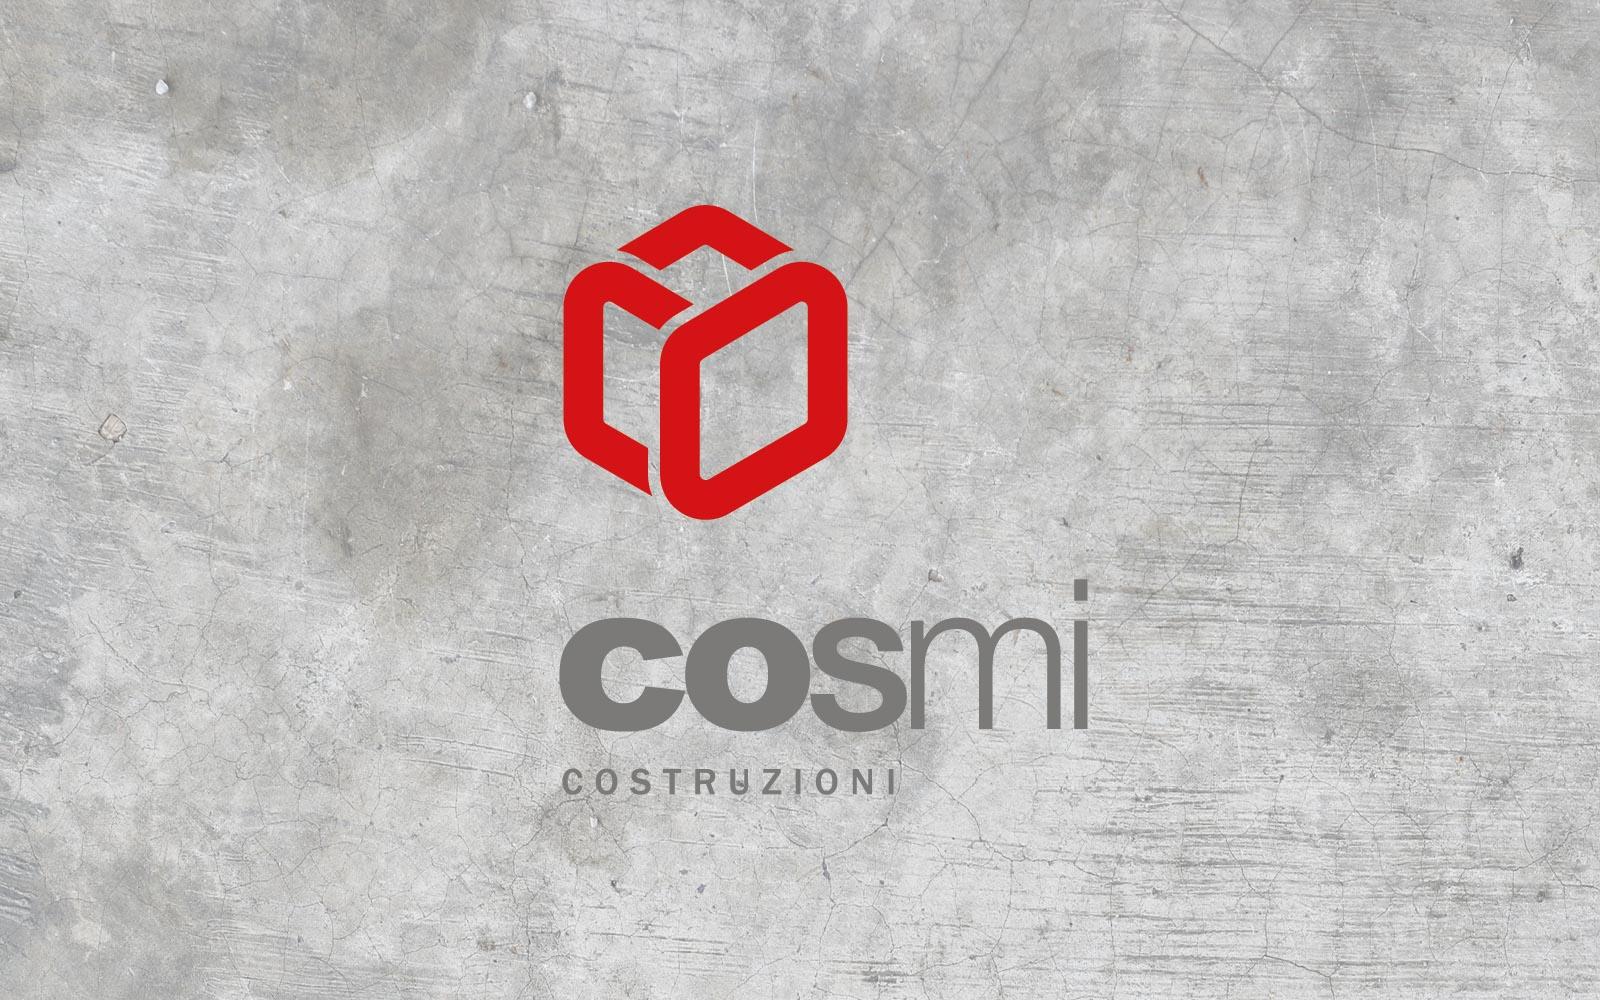 progetto del logo per impresa costruzioni cosmi, realizzato da diadestudio agenzia di comunicazione arco di trento